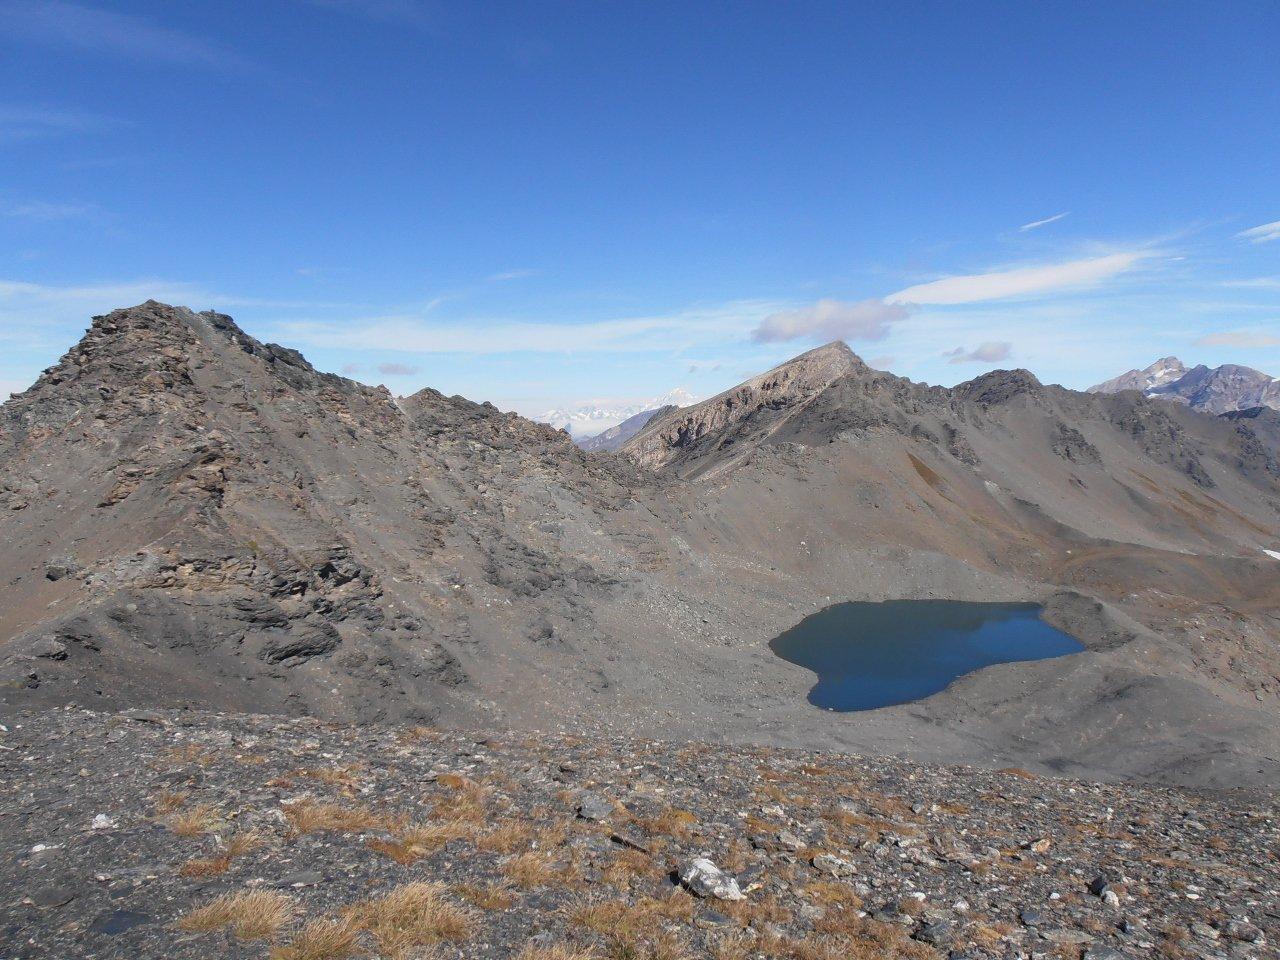 06 - dalla Bezin Nord iniziano le difficoltà verso la Pointe des Fours, sopra il lago il Pelaou Blanc